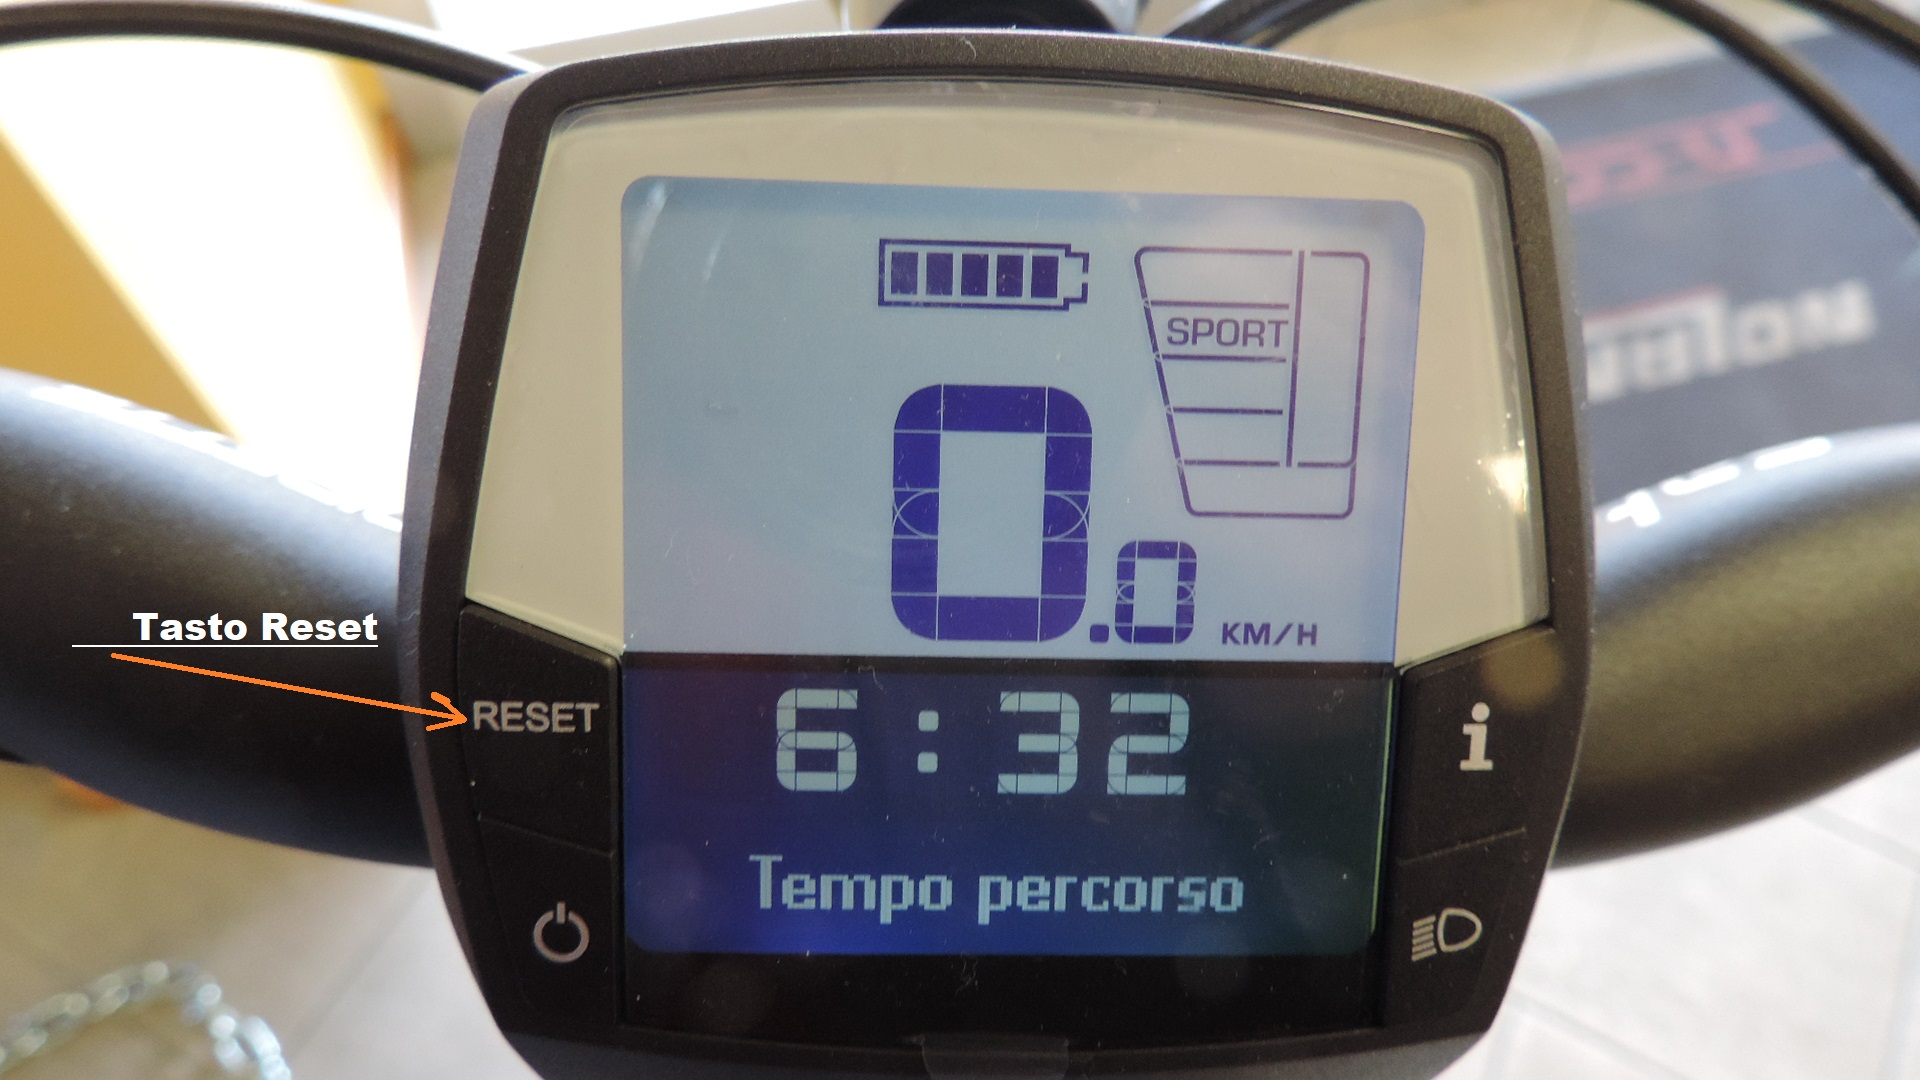 tasto di rest del ciclocomputer Intuvia